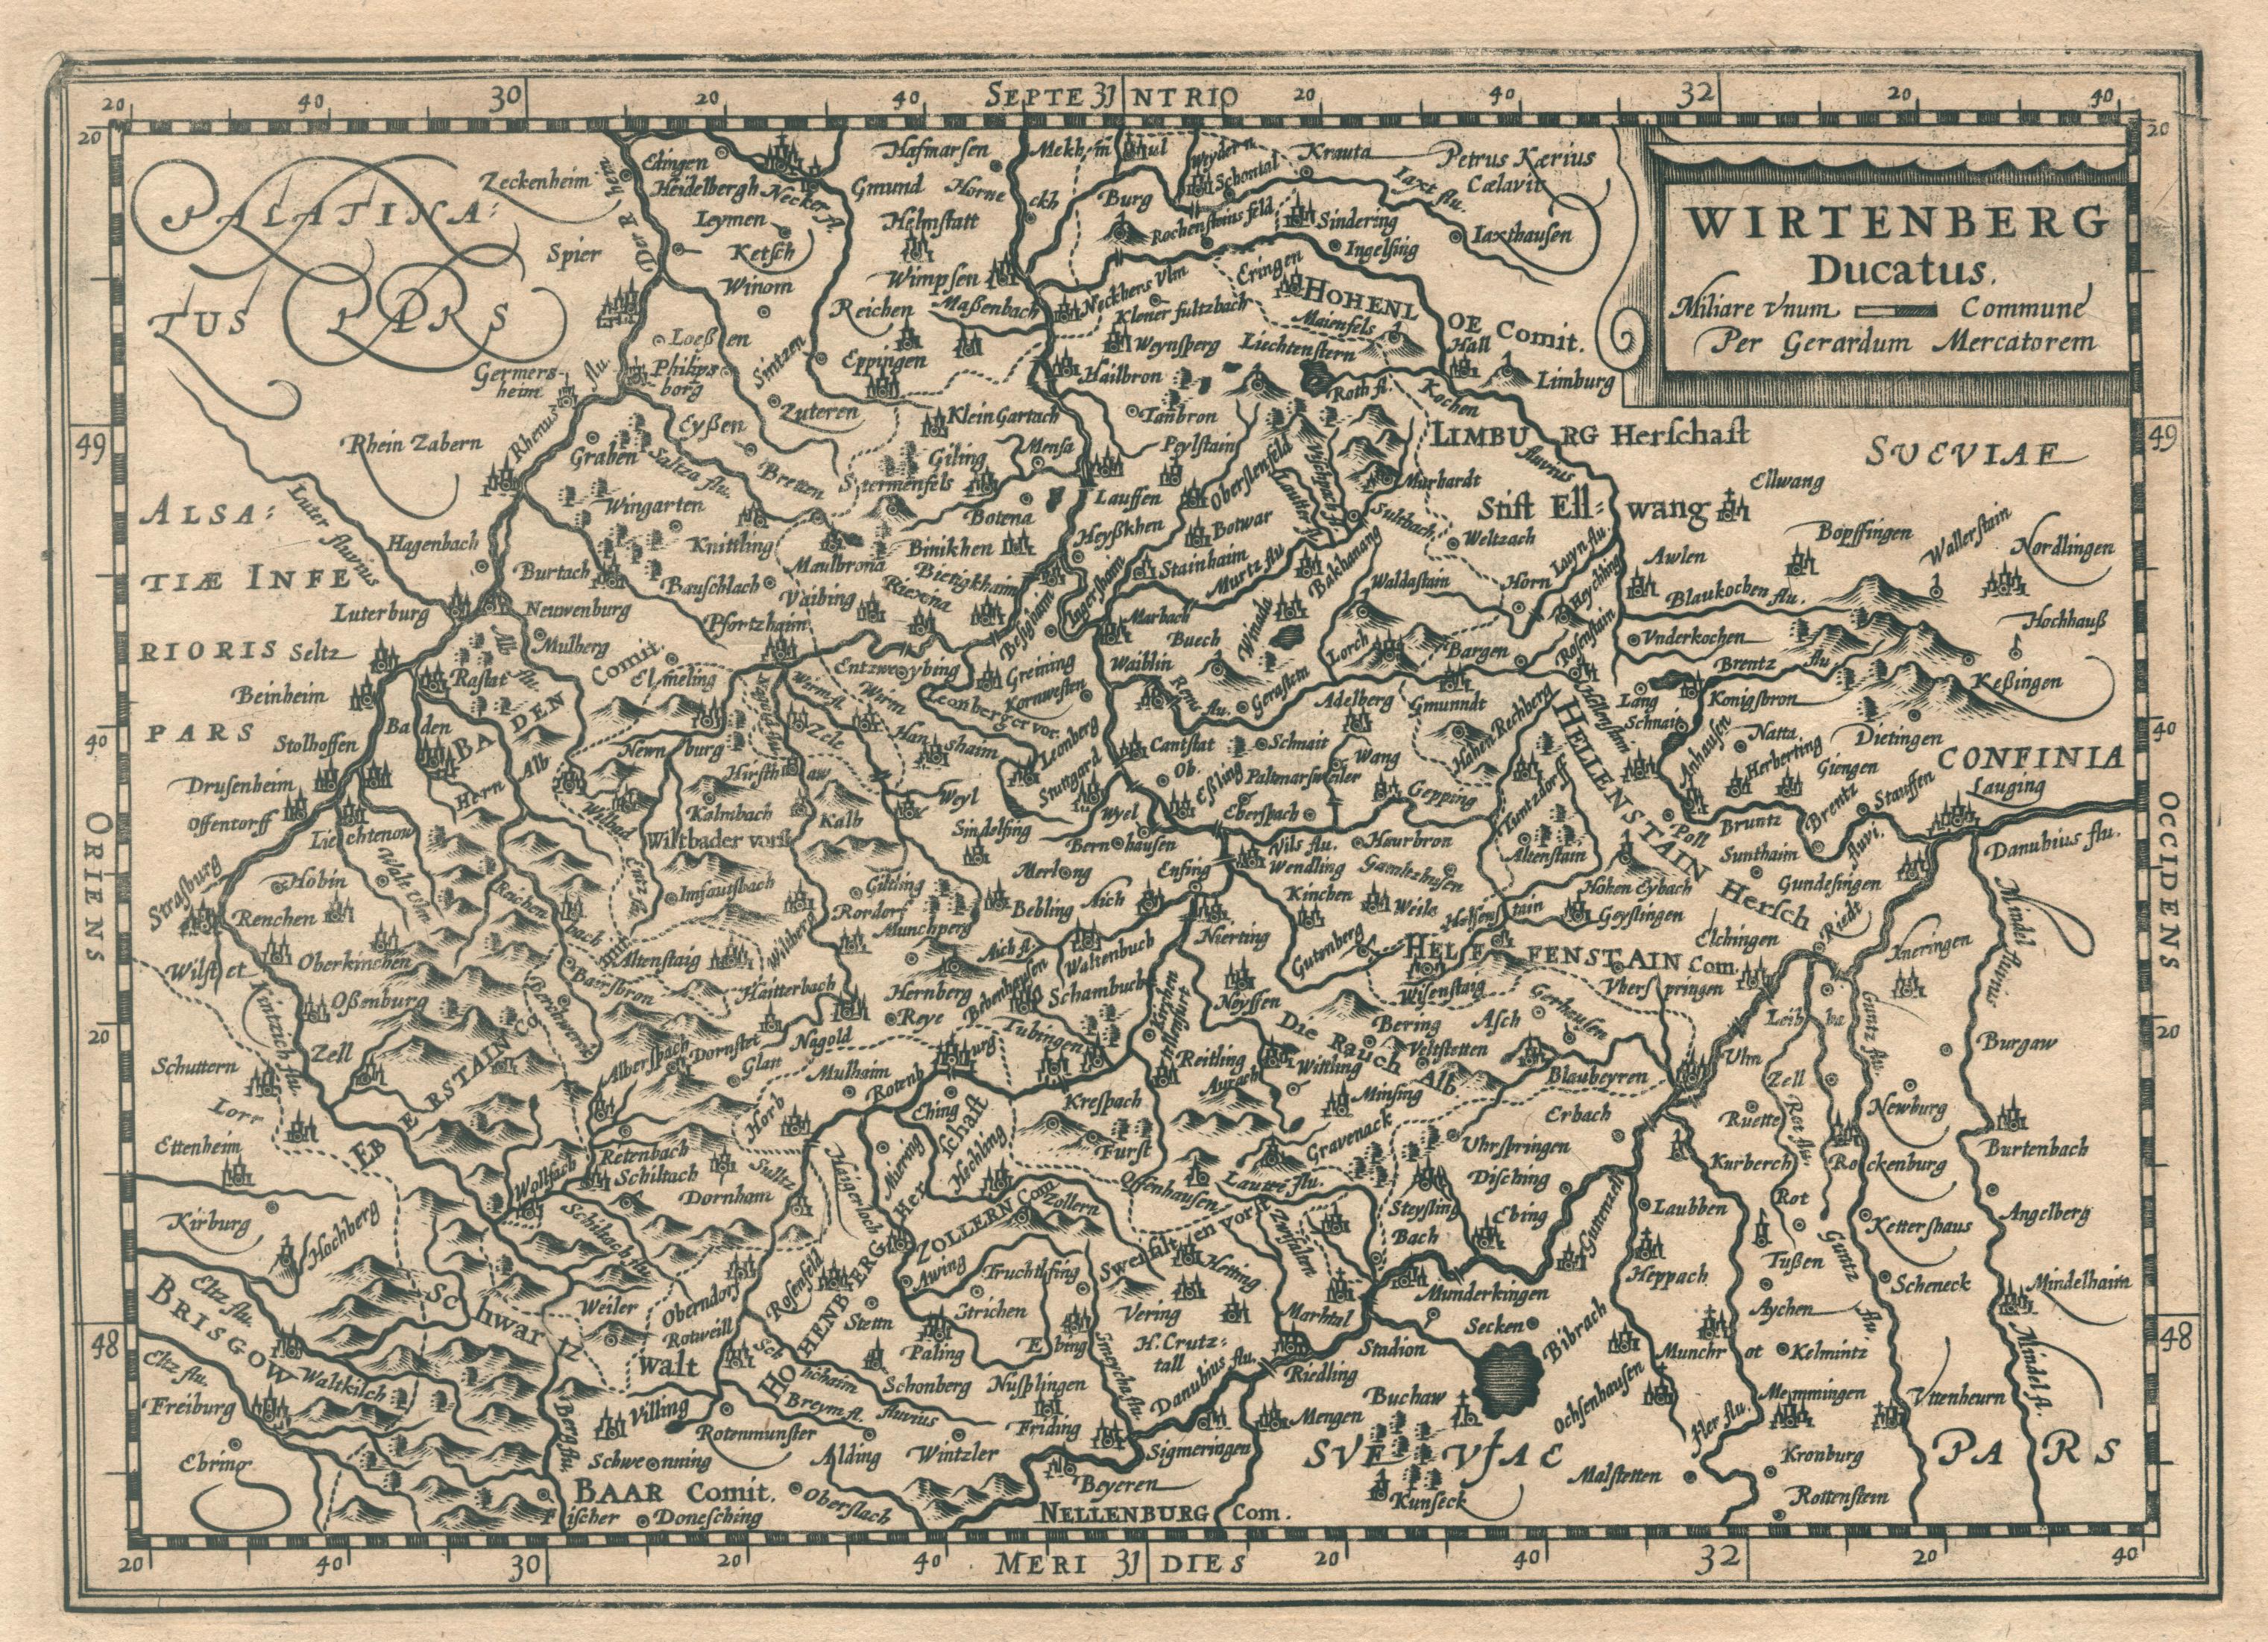 Kst.- Karte, n. G. Mercator b. Jans.-: Württemberg ( Herzogtum